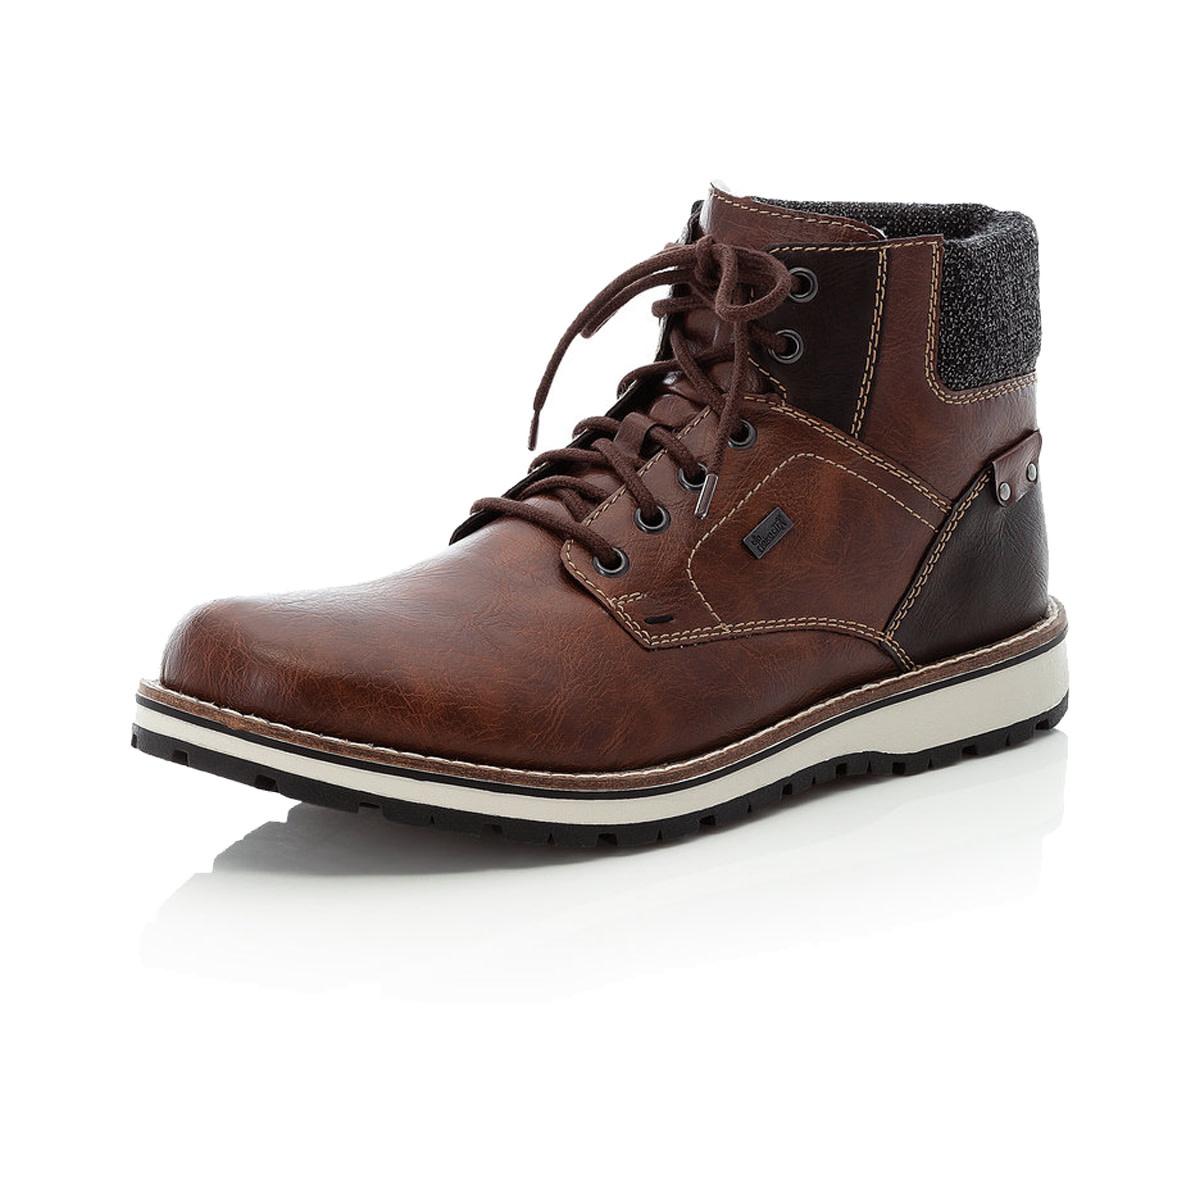 Rieker Rieker Men's 38434-26 Brown